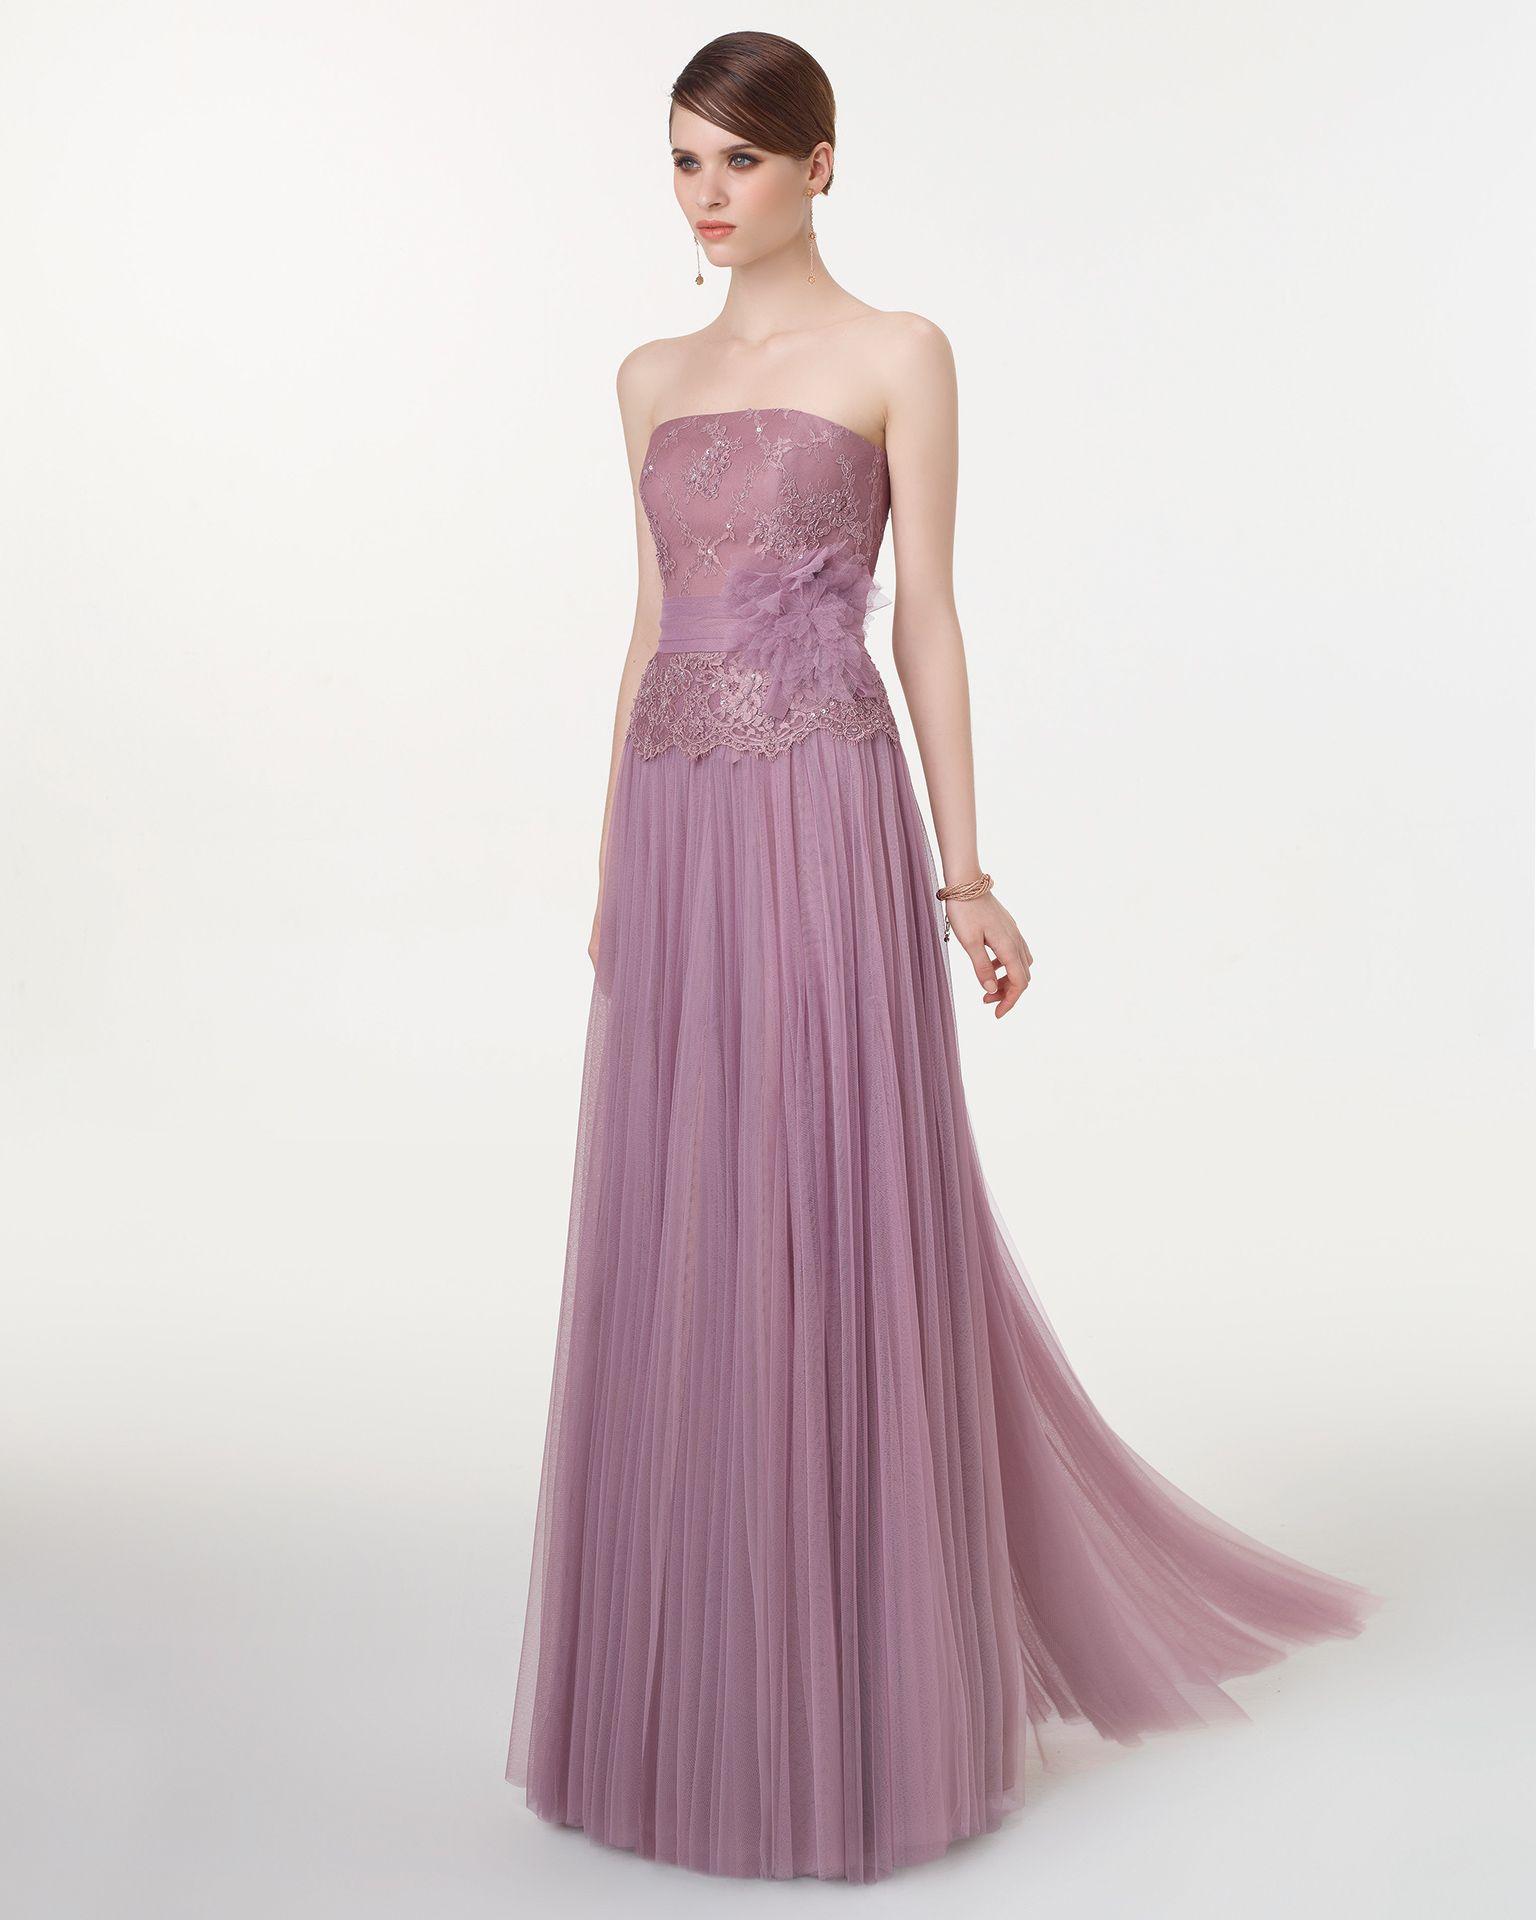 Vestido Y Chal De Tul Sedoso Encaje Pedrería Flor Color Esmeralda